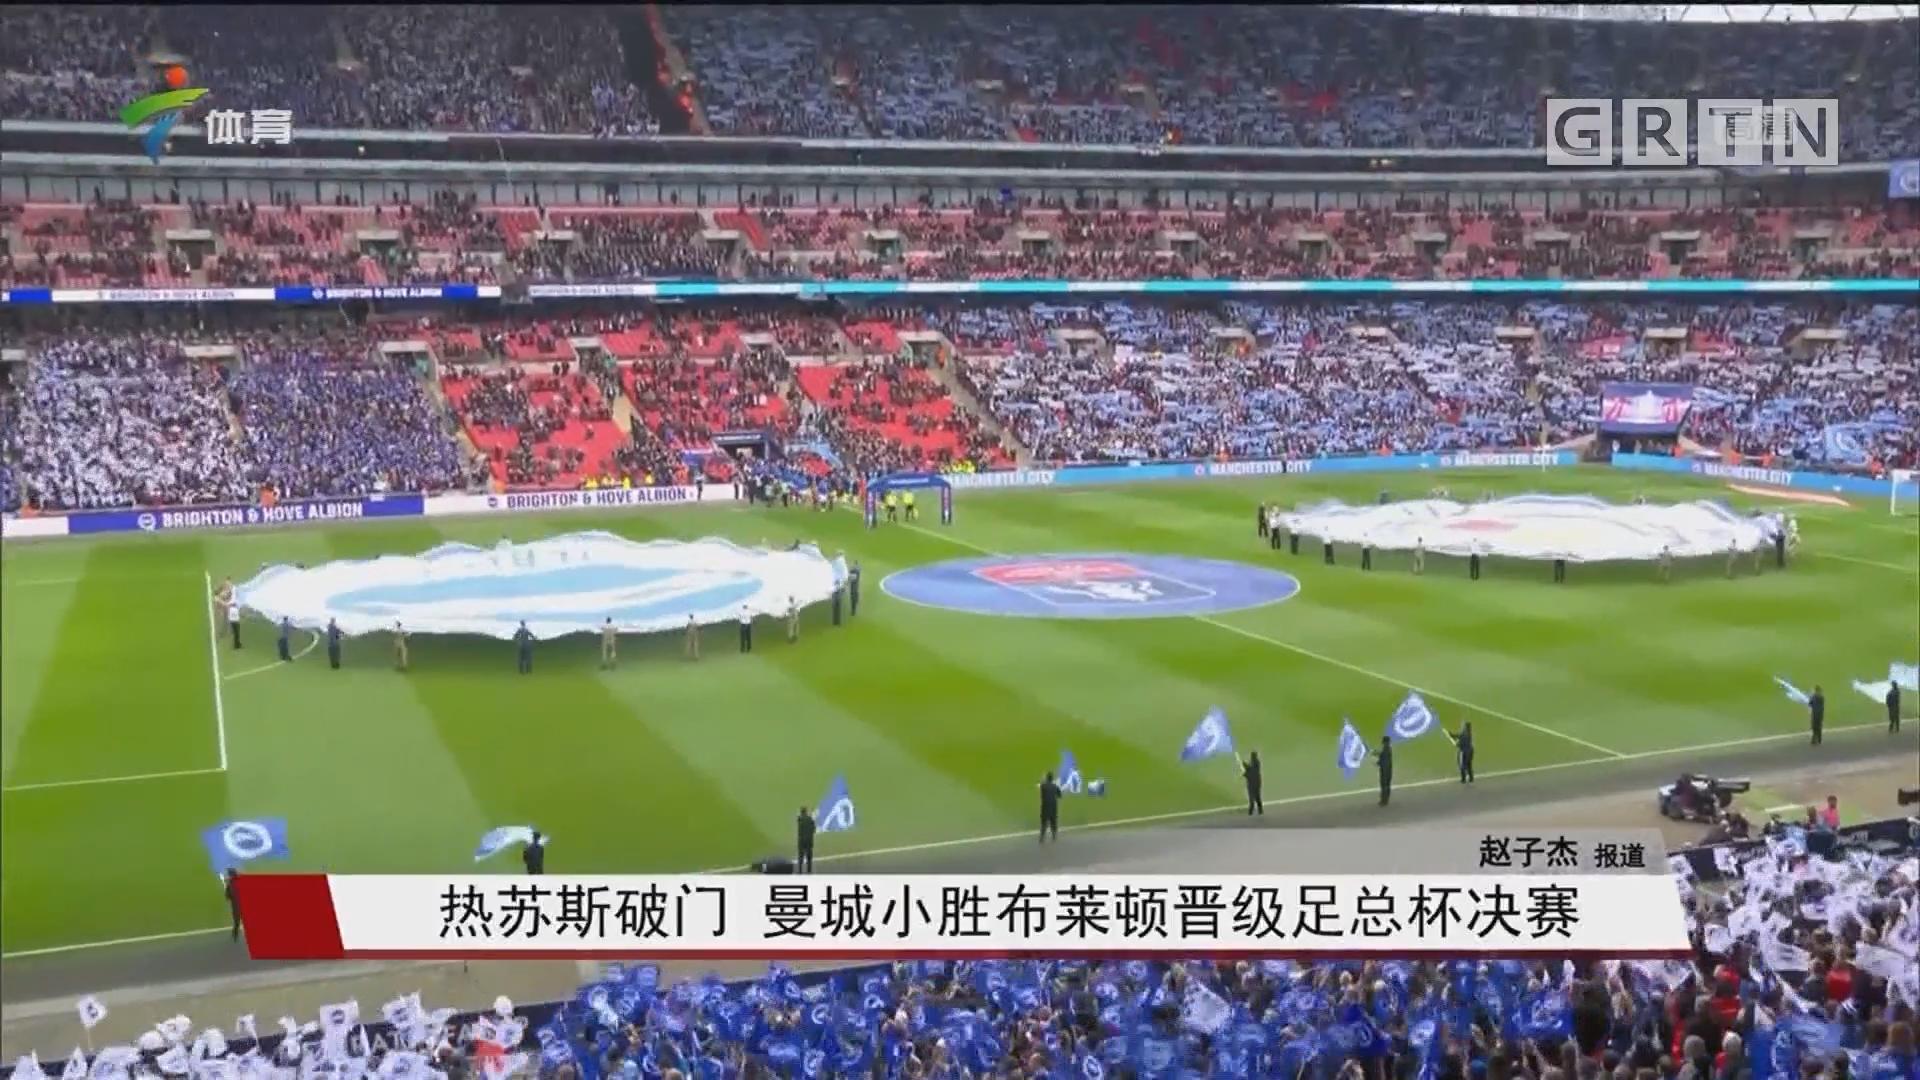 热苏斯破门 曼城小胜布莱顿晋级足总杯决赛